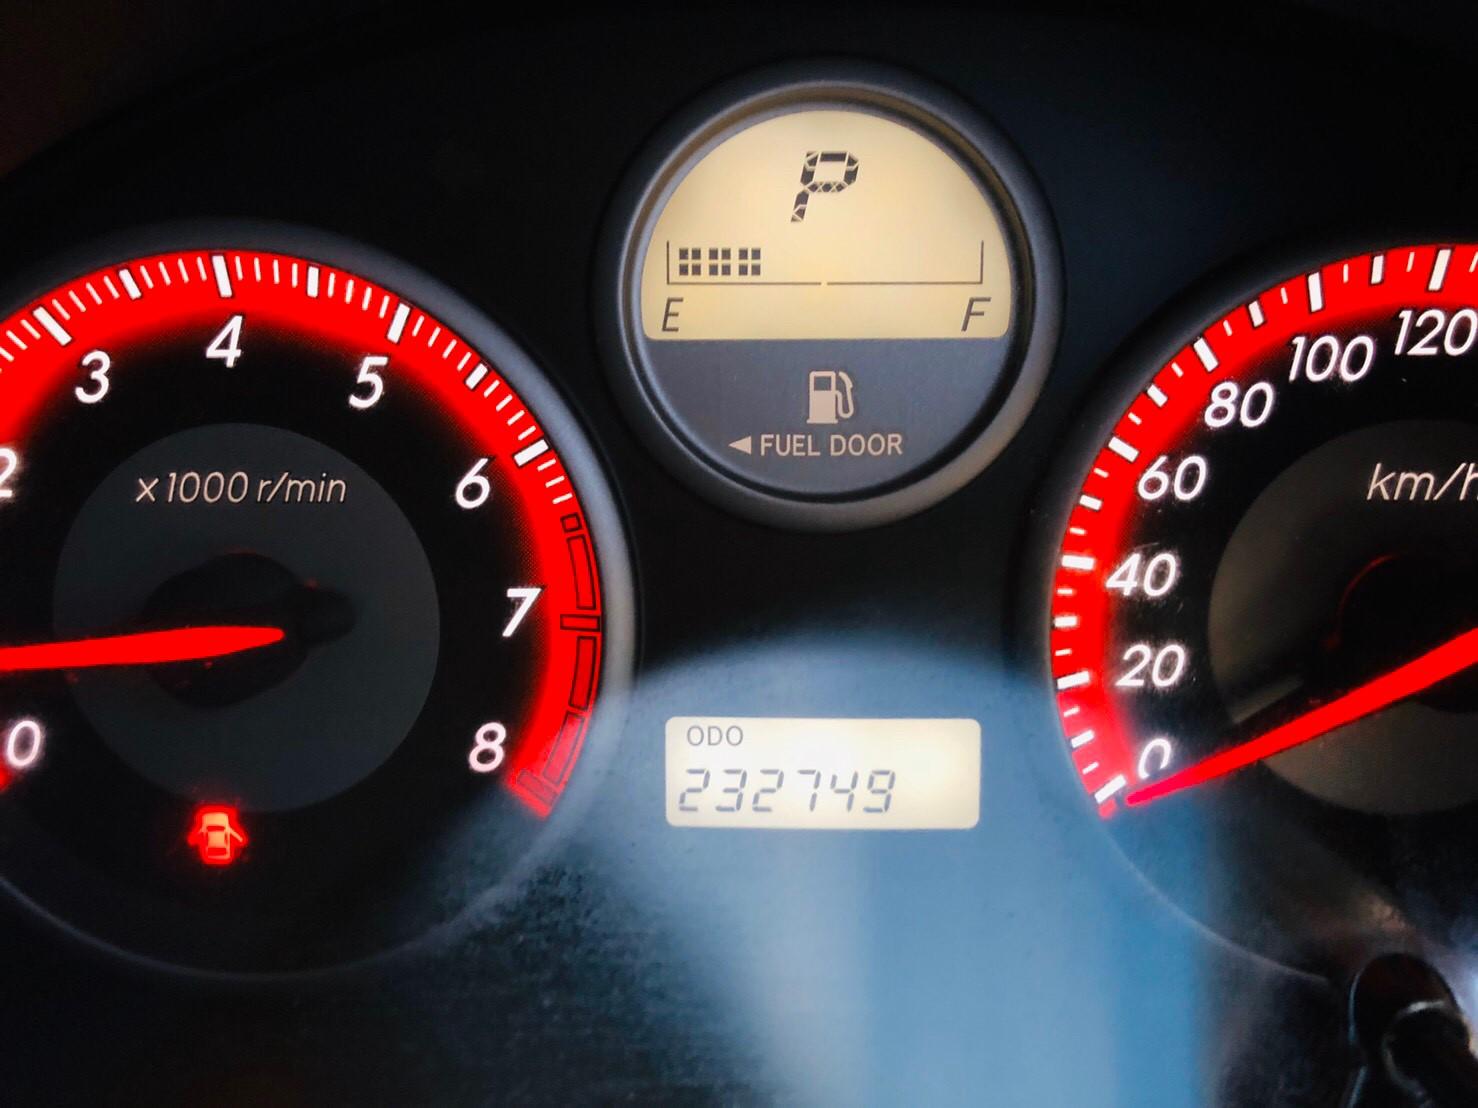 ภาพหน้าปัดเลขไมล์ โตโยต้า วิช 2.0 sport touring 2 ปี 2008